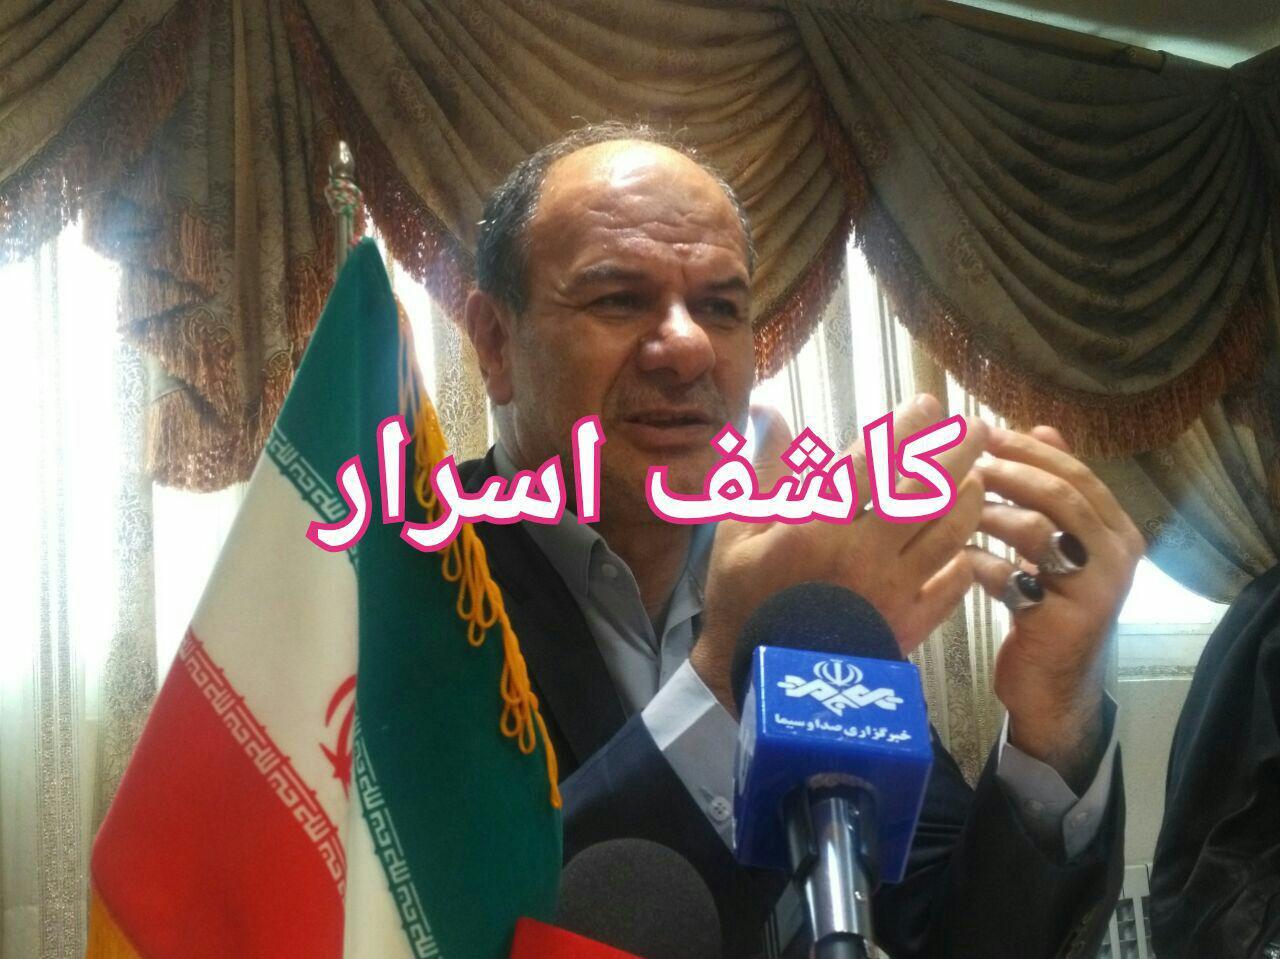 اختصاصی/از تشکیل پرونده قضائی برای متصرفین تالاب بوجاق تا تاسیس موزه شیلات کیاشهر از زبان فرماندار